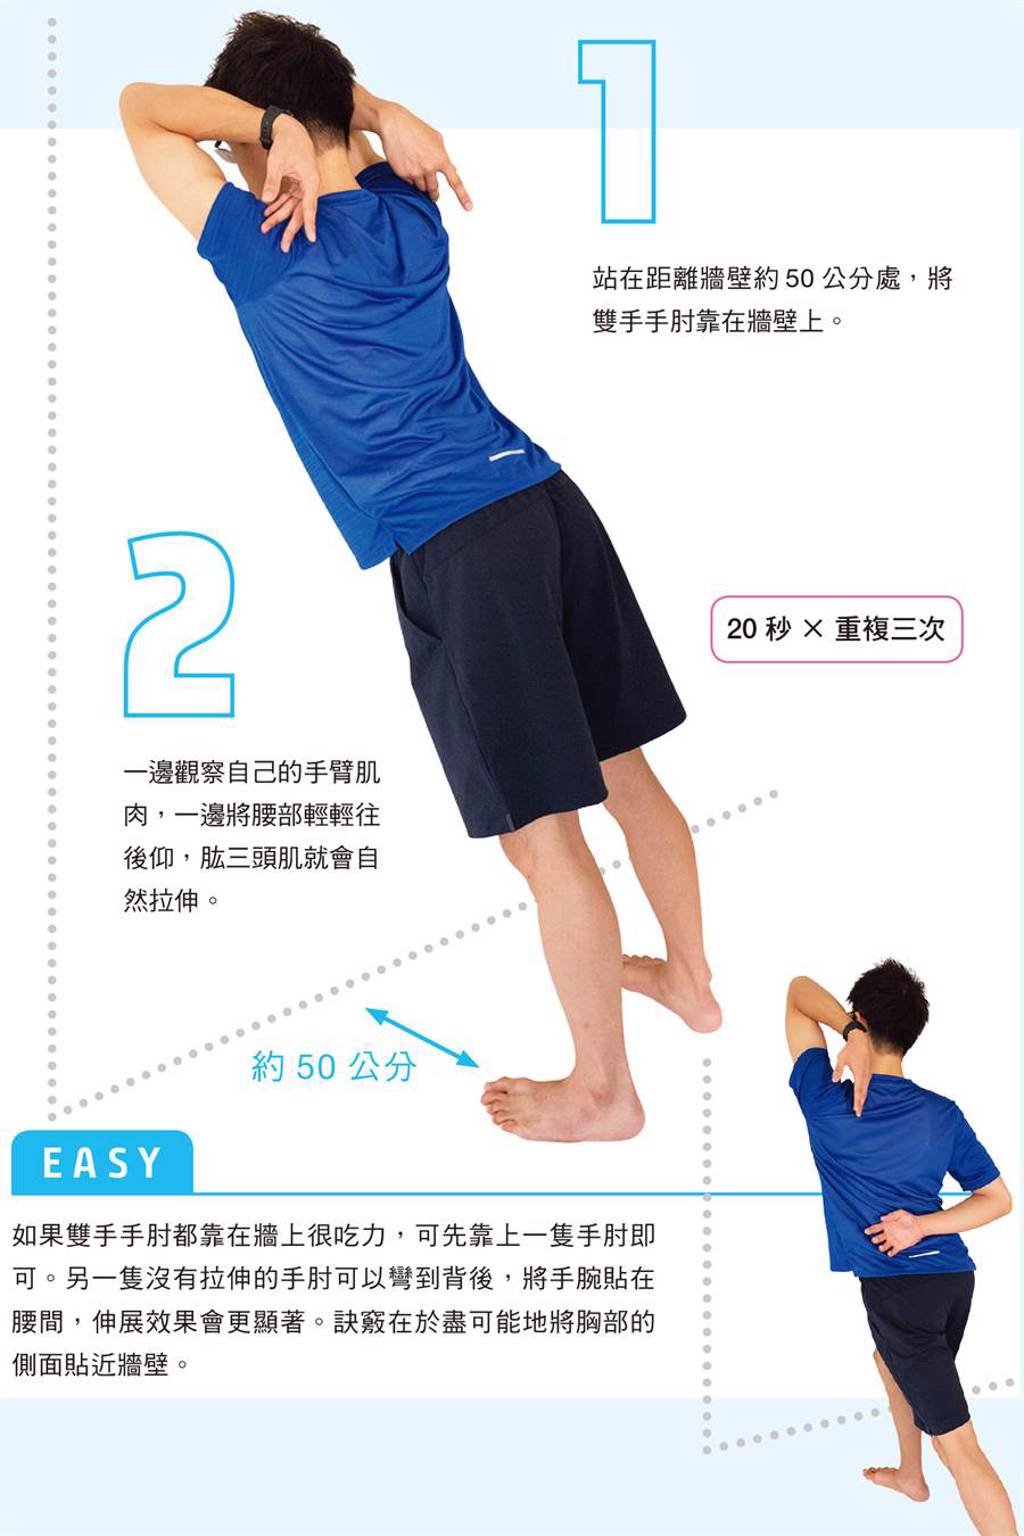 只要能夠好好拉伸這片肌肉,不僅可以改善駝背的問題,同時也能減緩手臂、肩膀及脖子附近的僵硬症狀。(圖/方言文化提供)